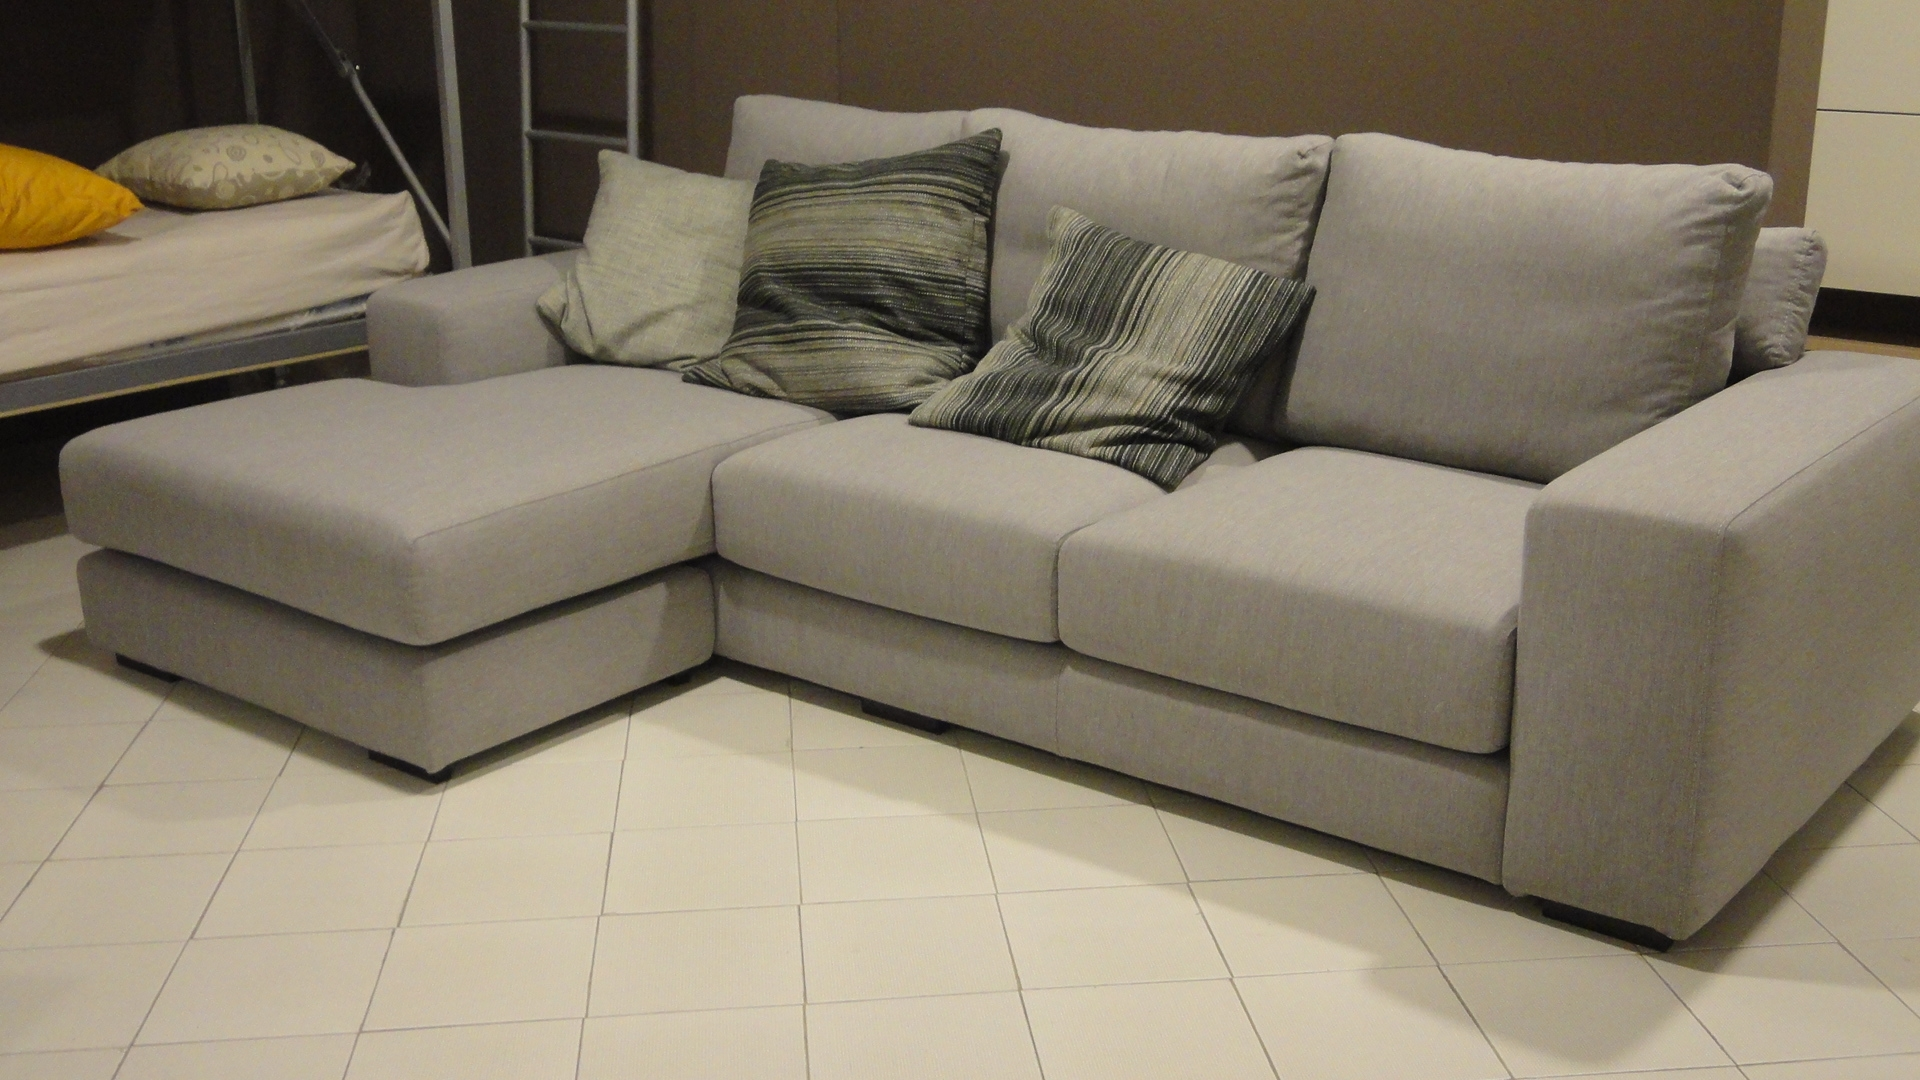 Divani con penisola gimas salotti divano verdi divani con for Divani da 2 metri